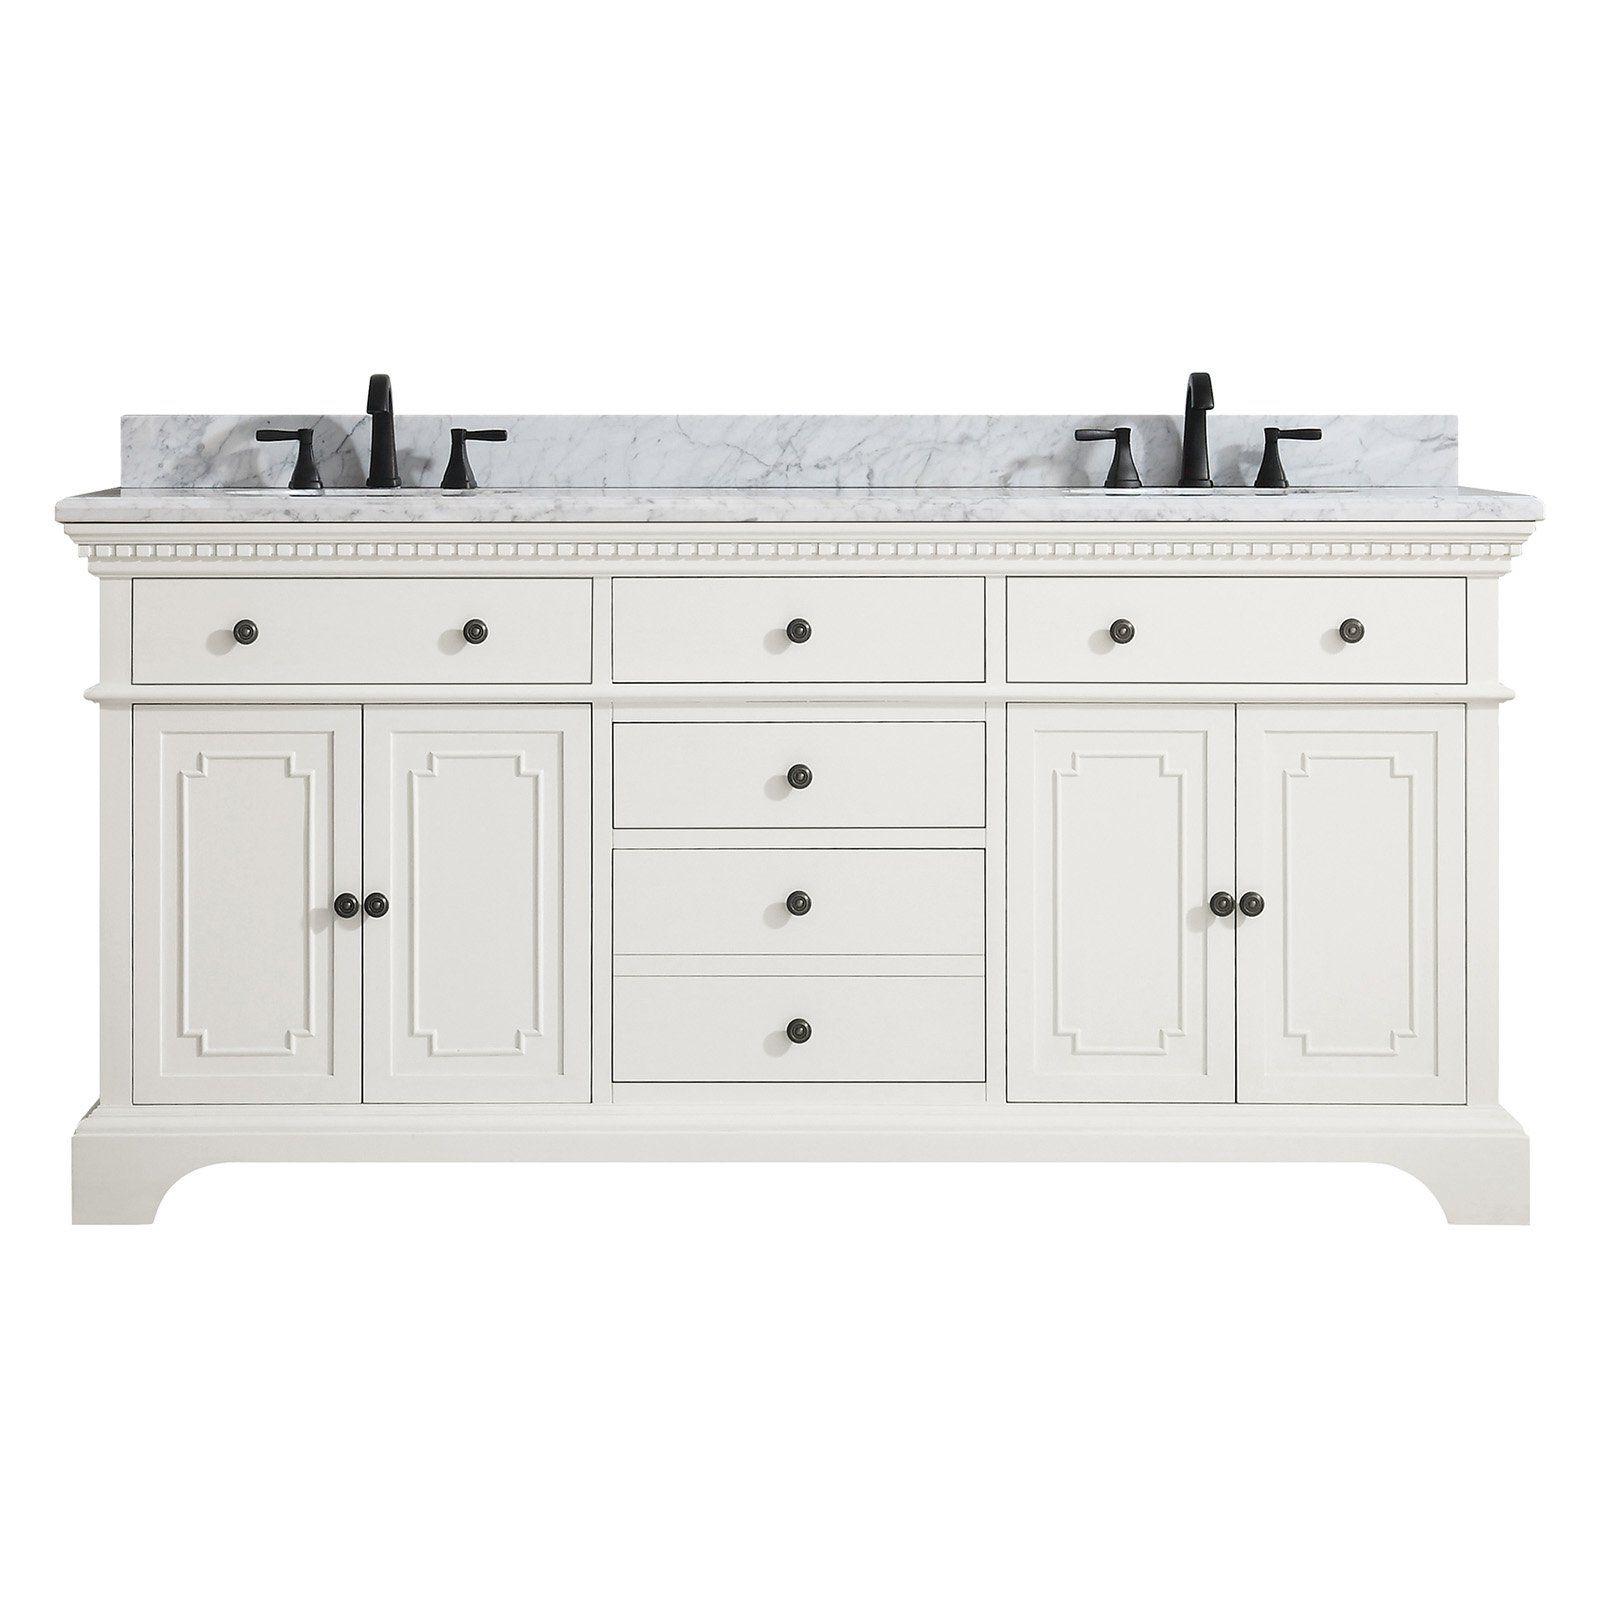 Azzuri Hastings 73 In Double Sink Vanity White Marble Vanity Tops Double Sink Bathroom Vanity Double Sink Vanity